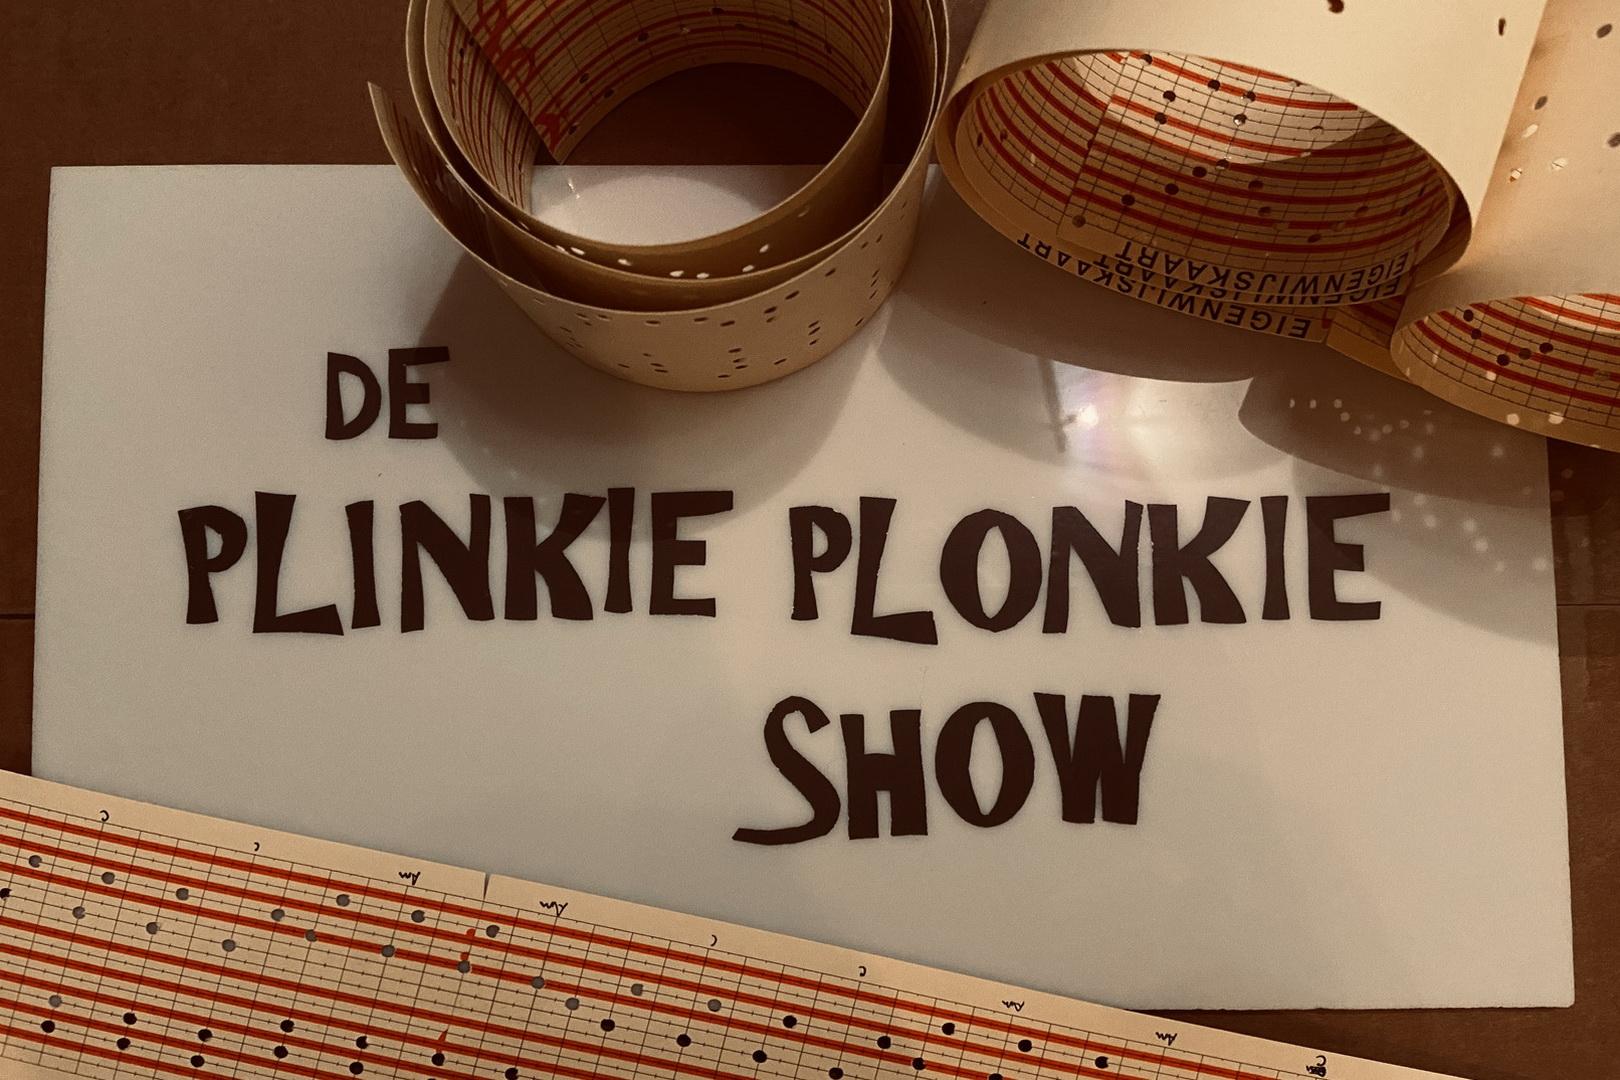 20200613 PlinkiePlonkiShow